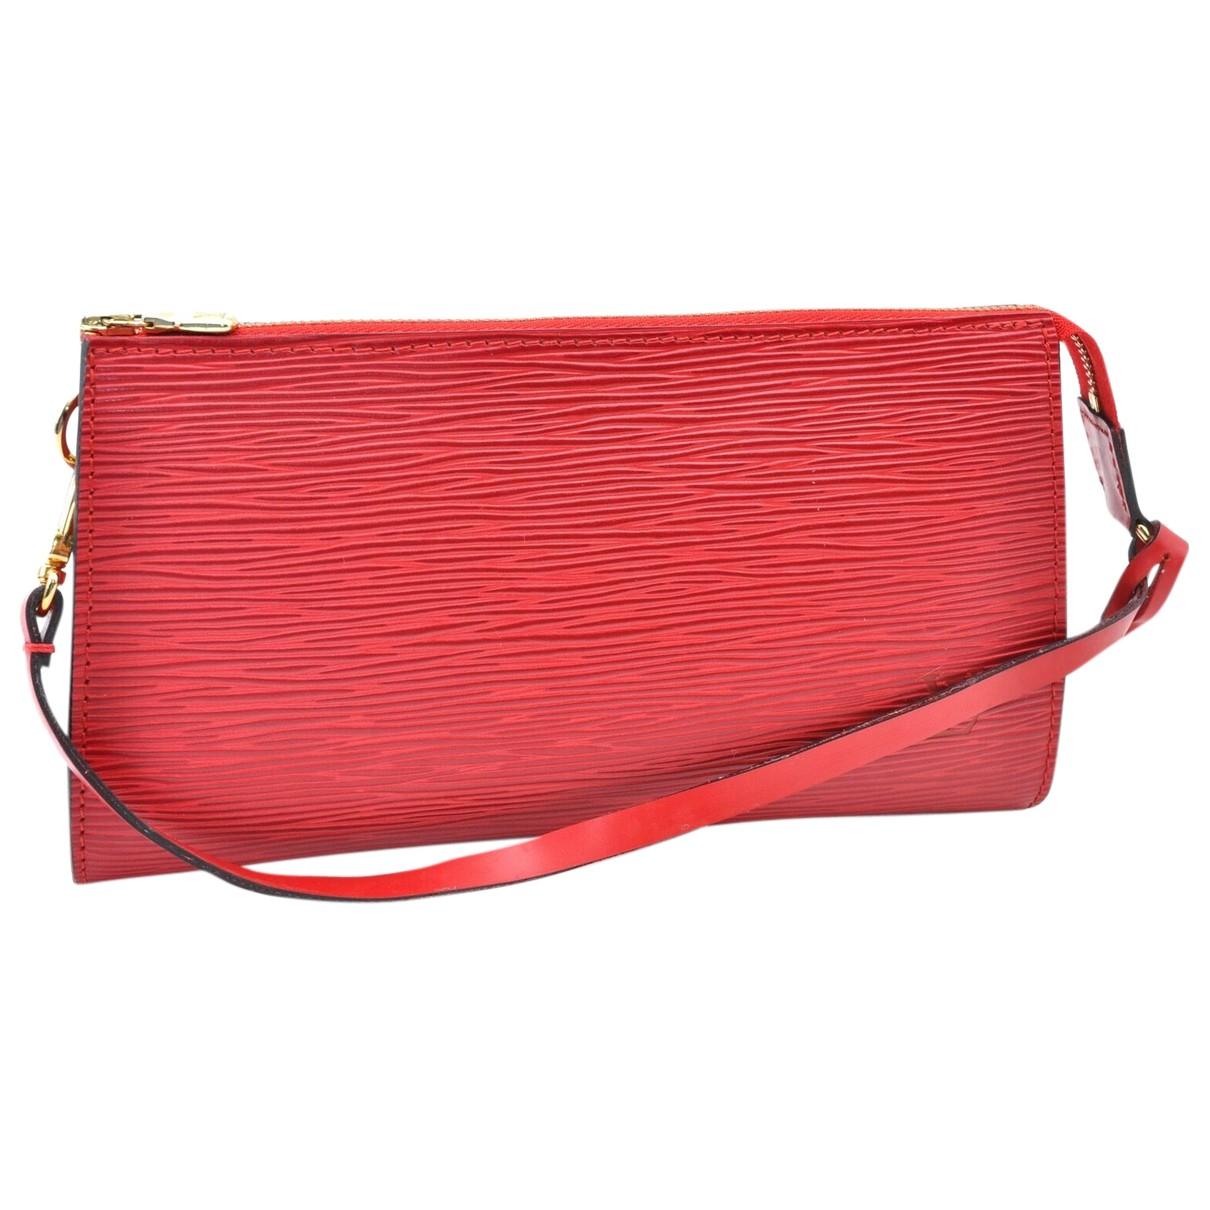 Louis Vuitton - Pochette Pochette Accessoire pour femme en cuir - rouge